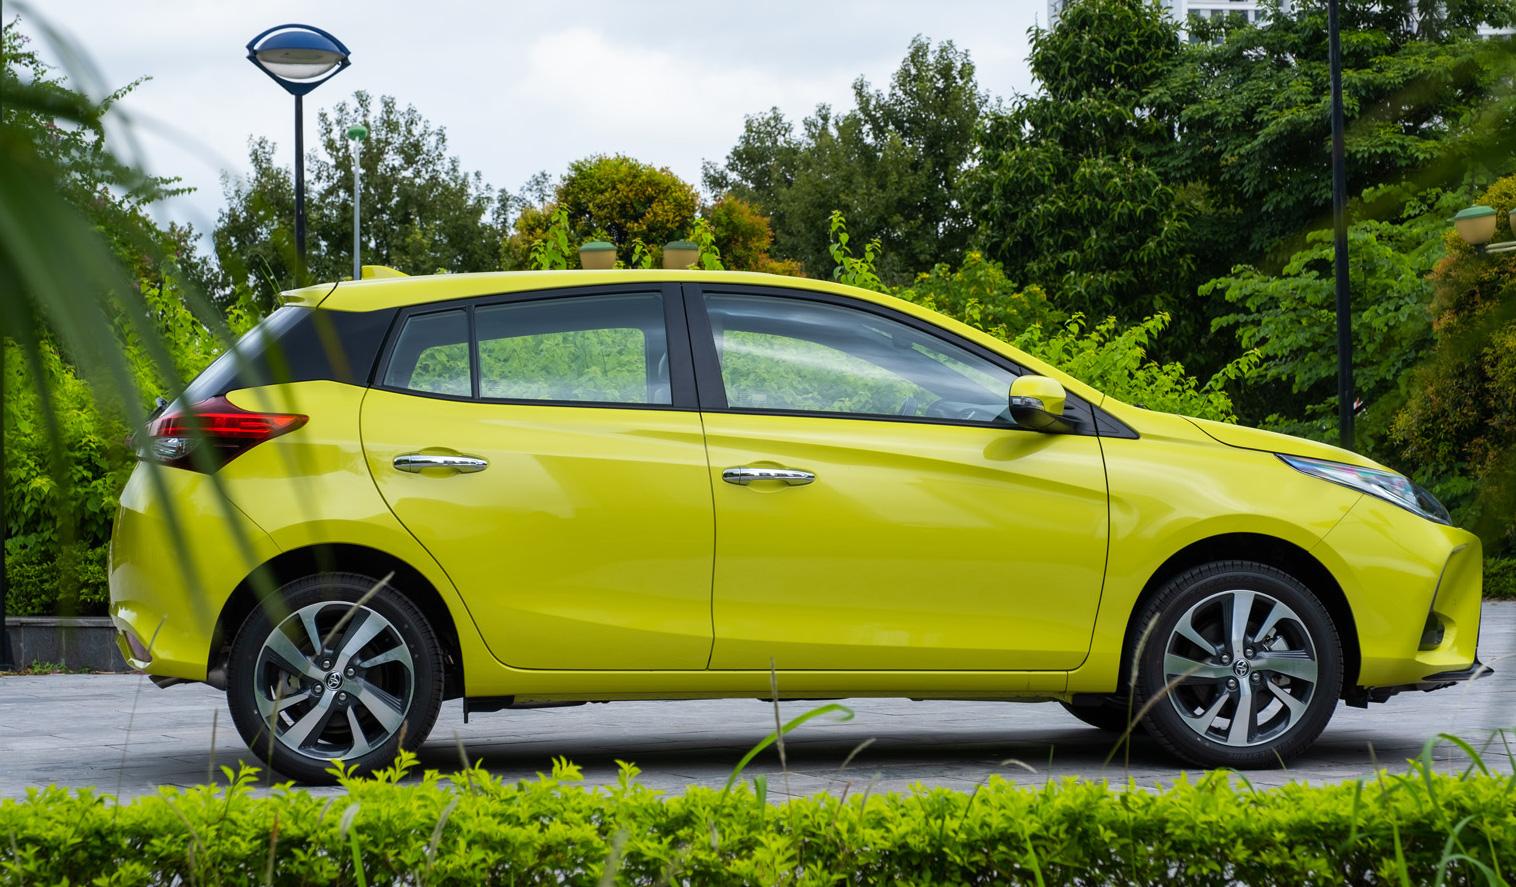 Toyota Yaris nâng cấp mới chính thức cập bến Việt Nam, giá tăng 18 triệu đồng -3